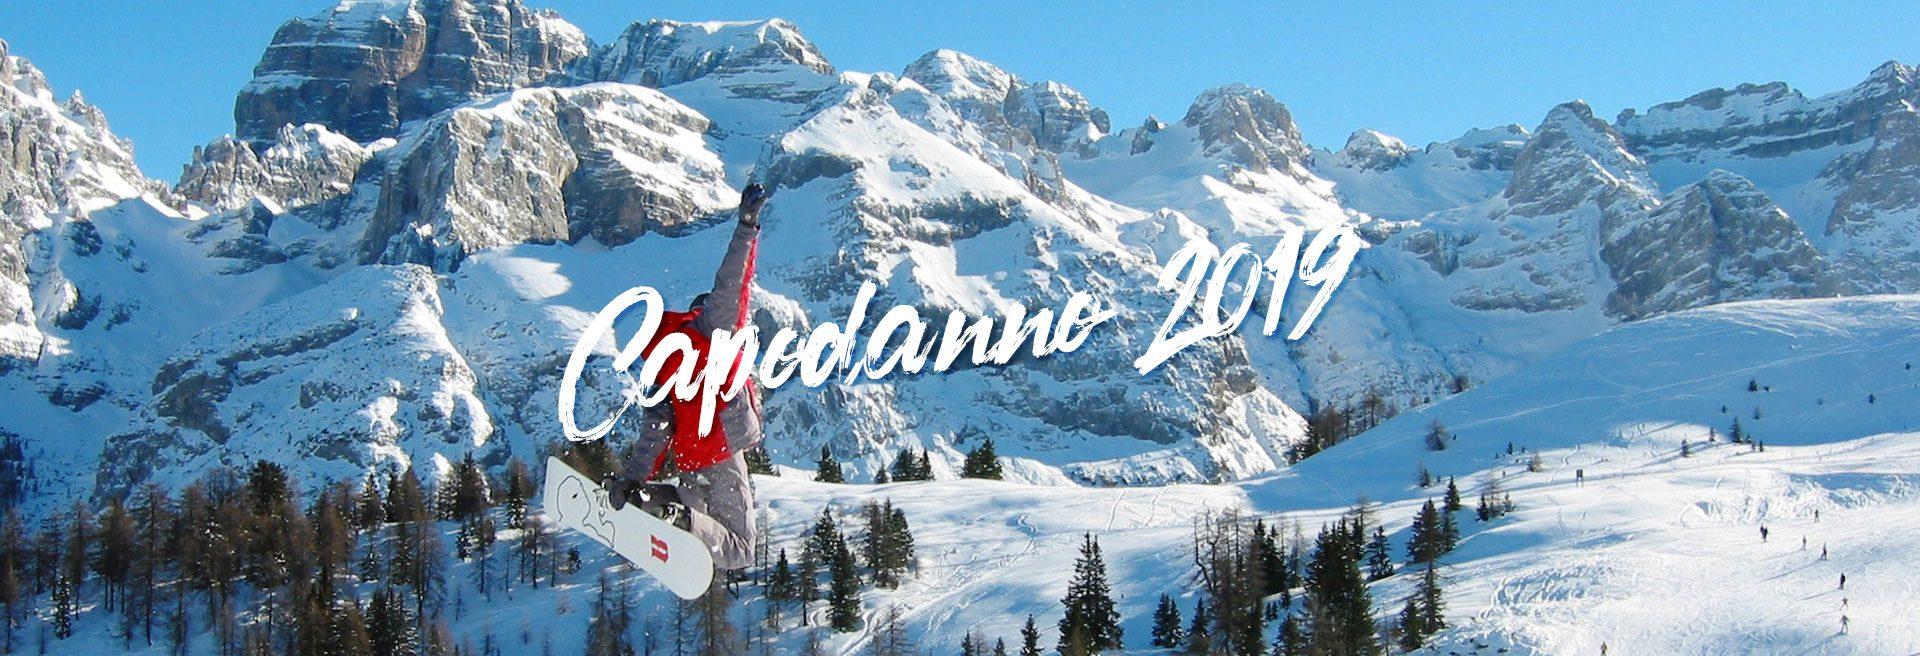 sfondo capodanno in montagna 2019 salto con lo snowboard